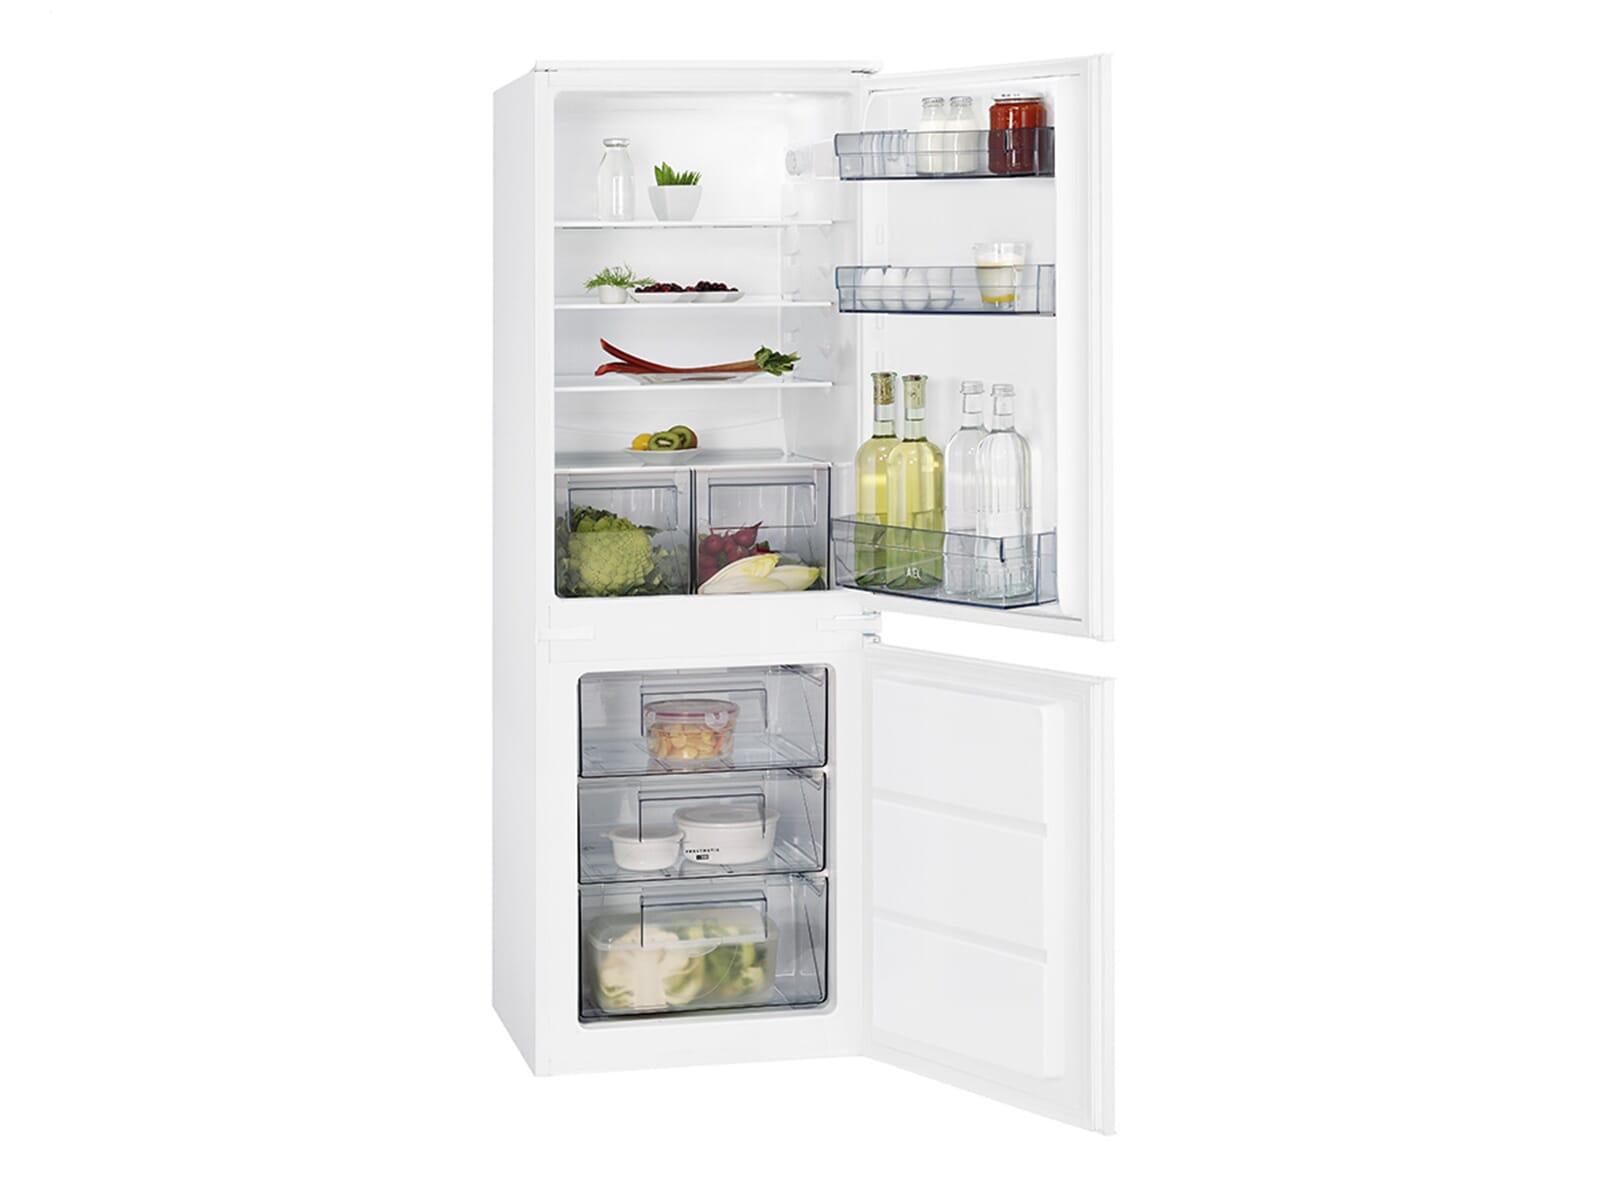 Bosch Kühlschrank Idealo : Bosch kis kf einbau kühl gefrierkombination einbau kühl